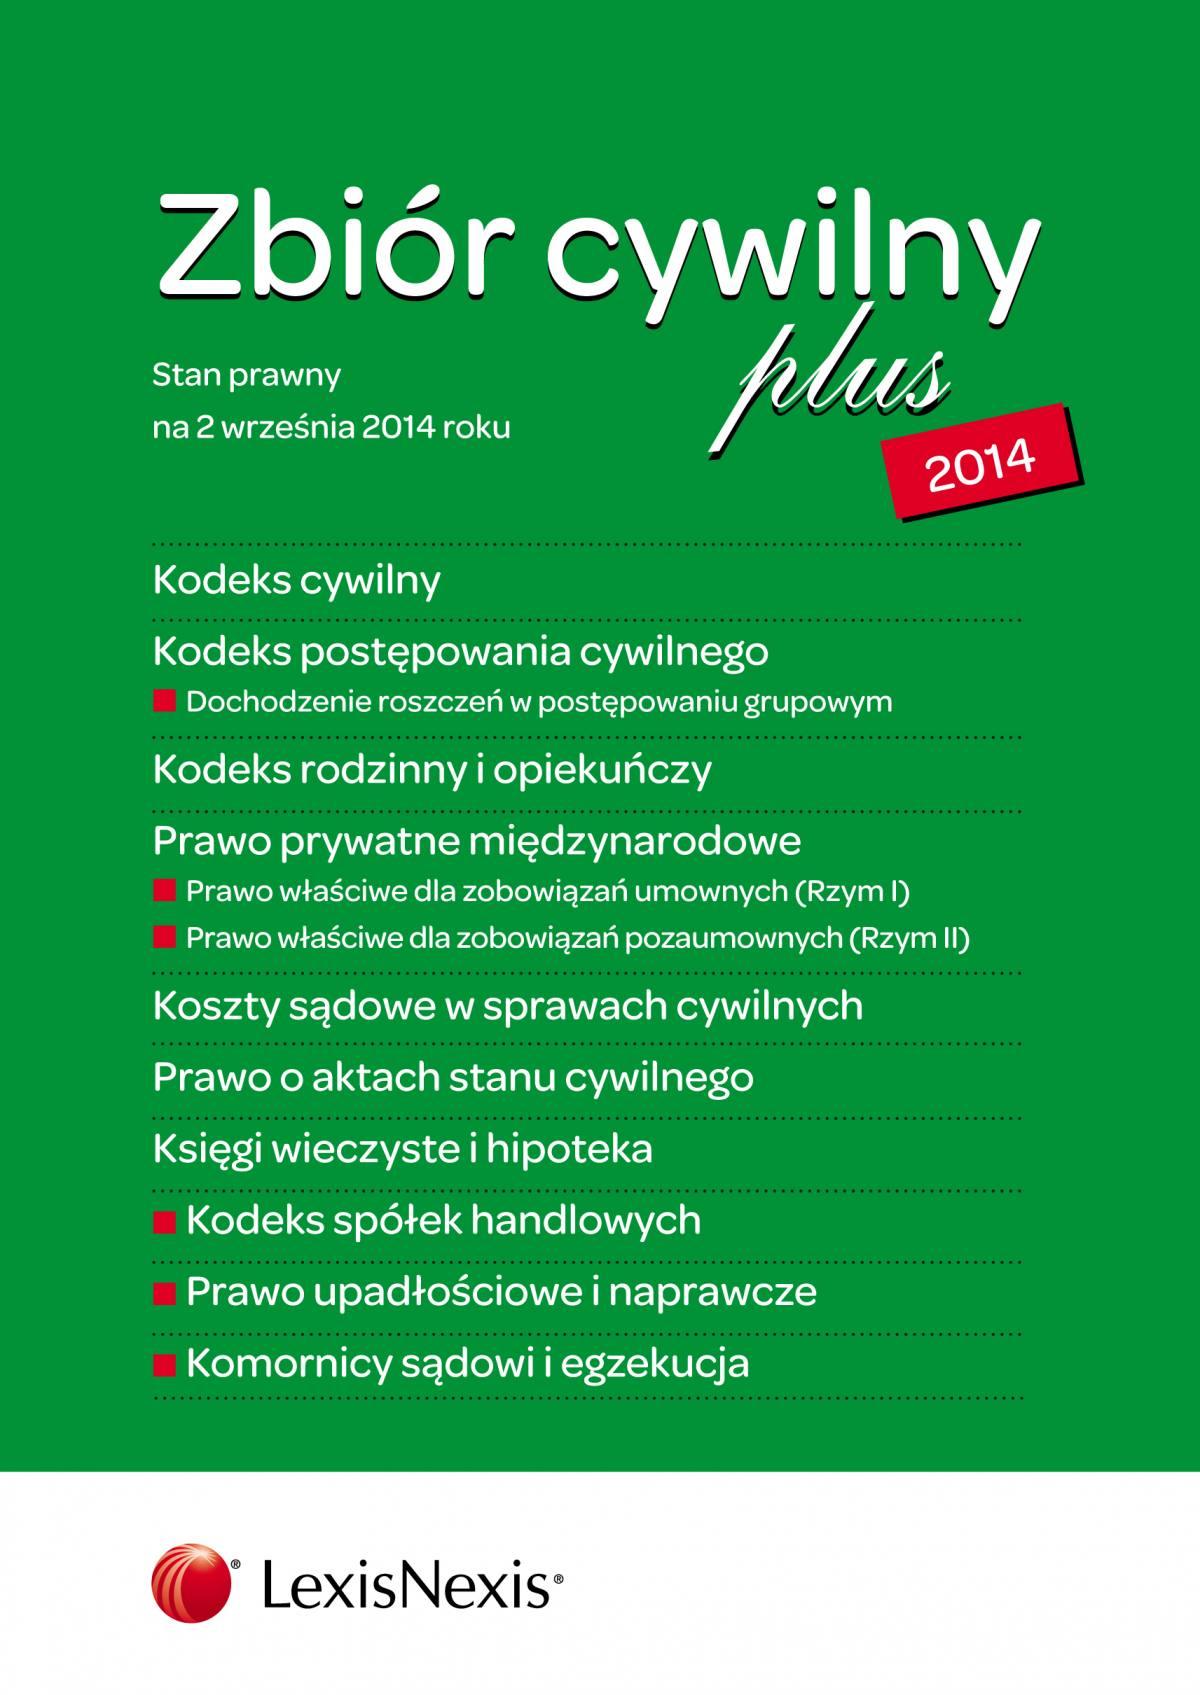 Zbiór cywilny PLUS 2014. Wydanie 3 - Ebook (Książka EPUB) do pobrania w formacie EPUB